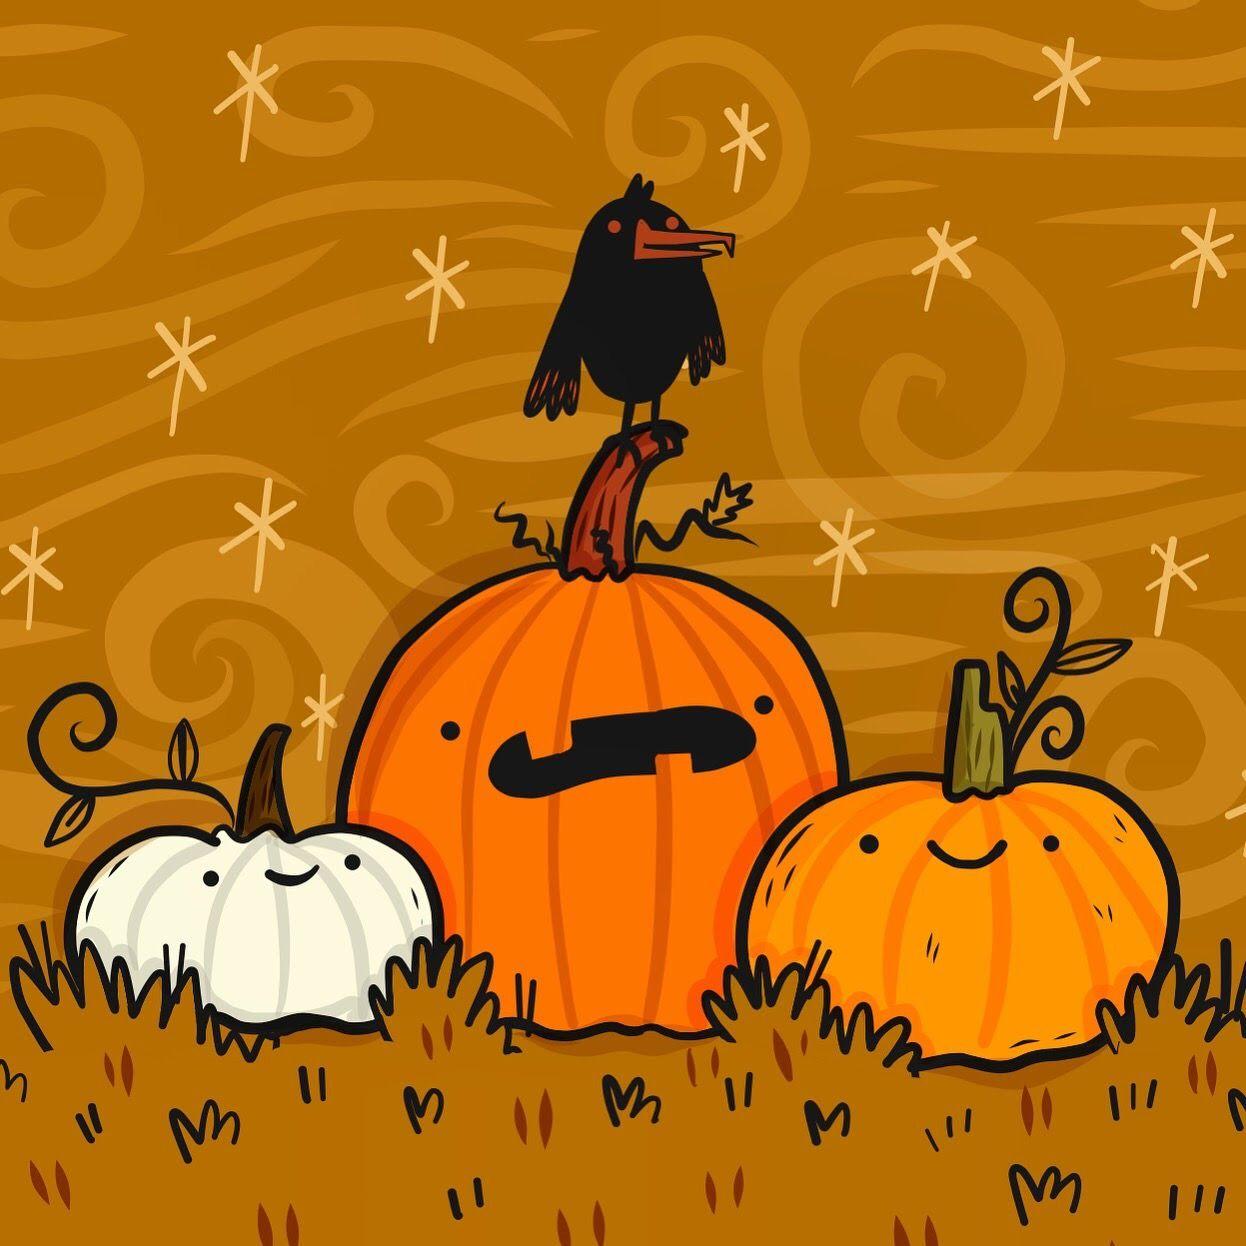 Spooky Pumpkin Patch Halloween Art By Lydia Jean Art Halloween Art Halloween Doodle Halloween Illustration